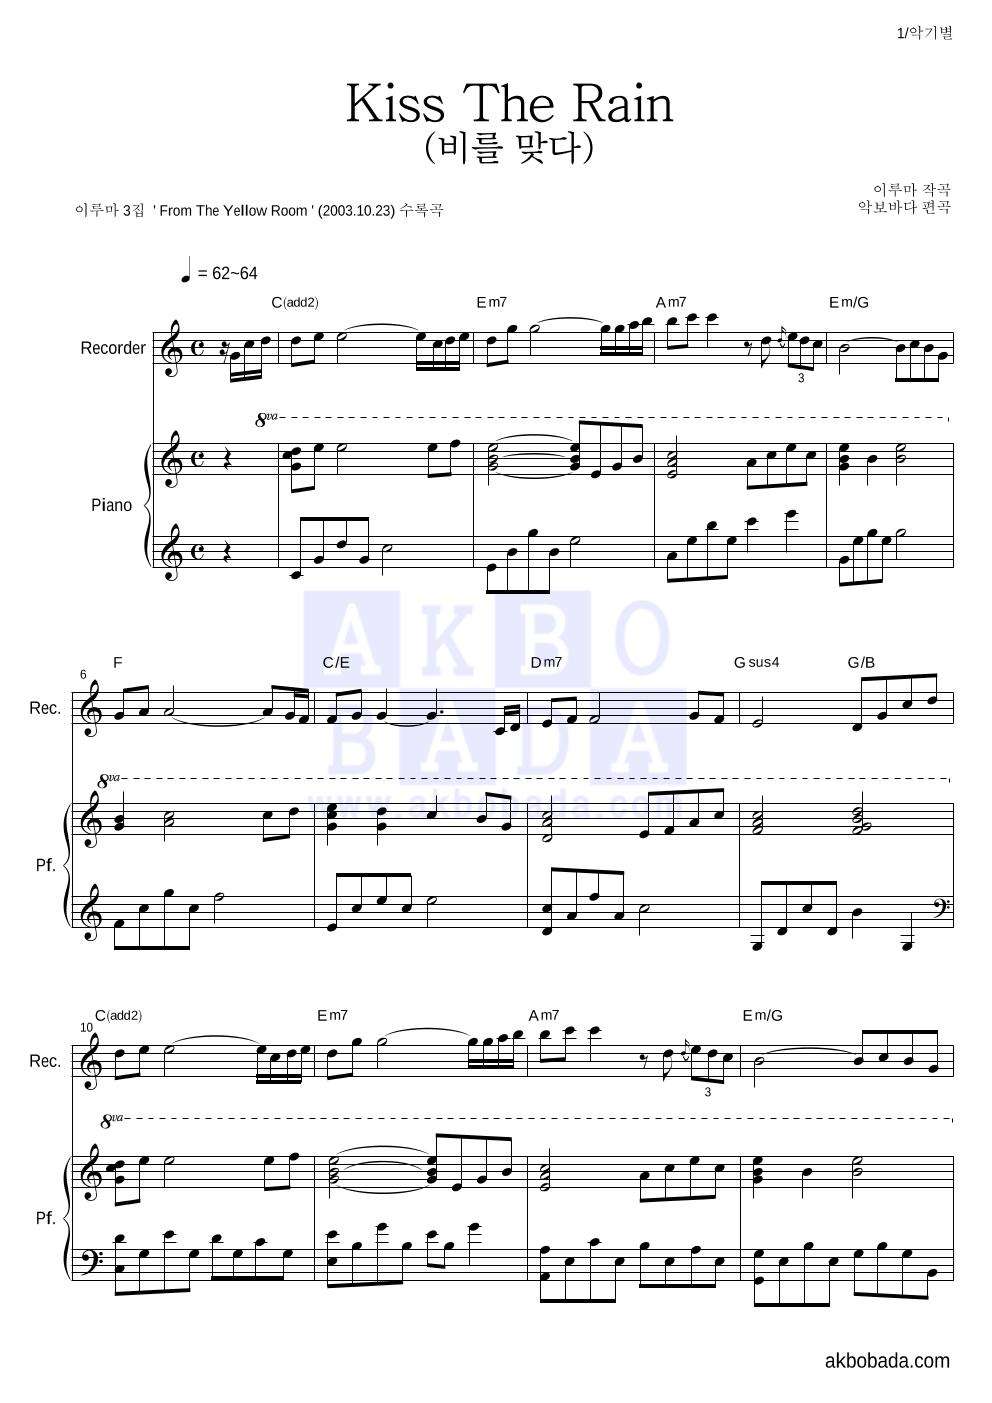 이루마 - Kiss The Rain (비를 맞다) 리코더&피아노 악보